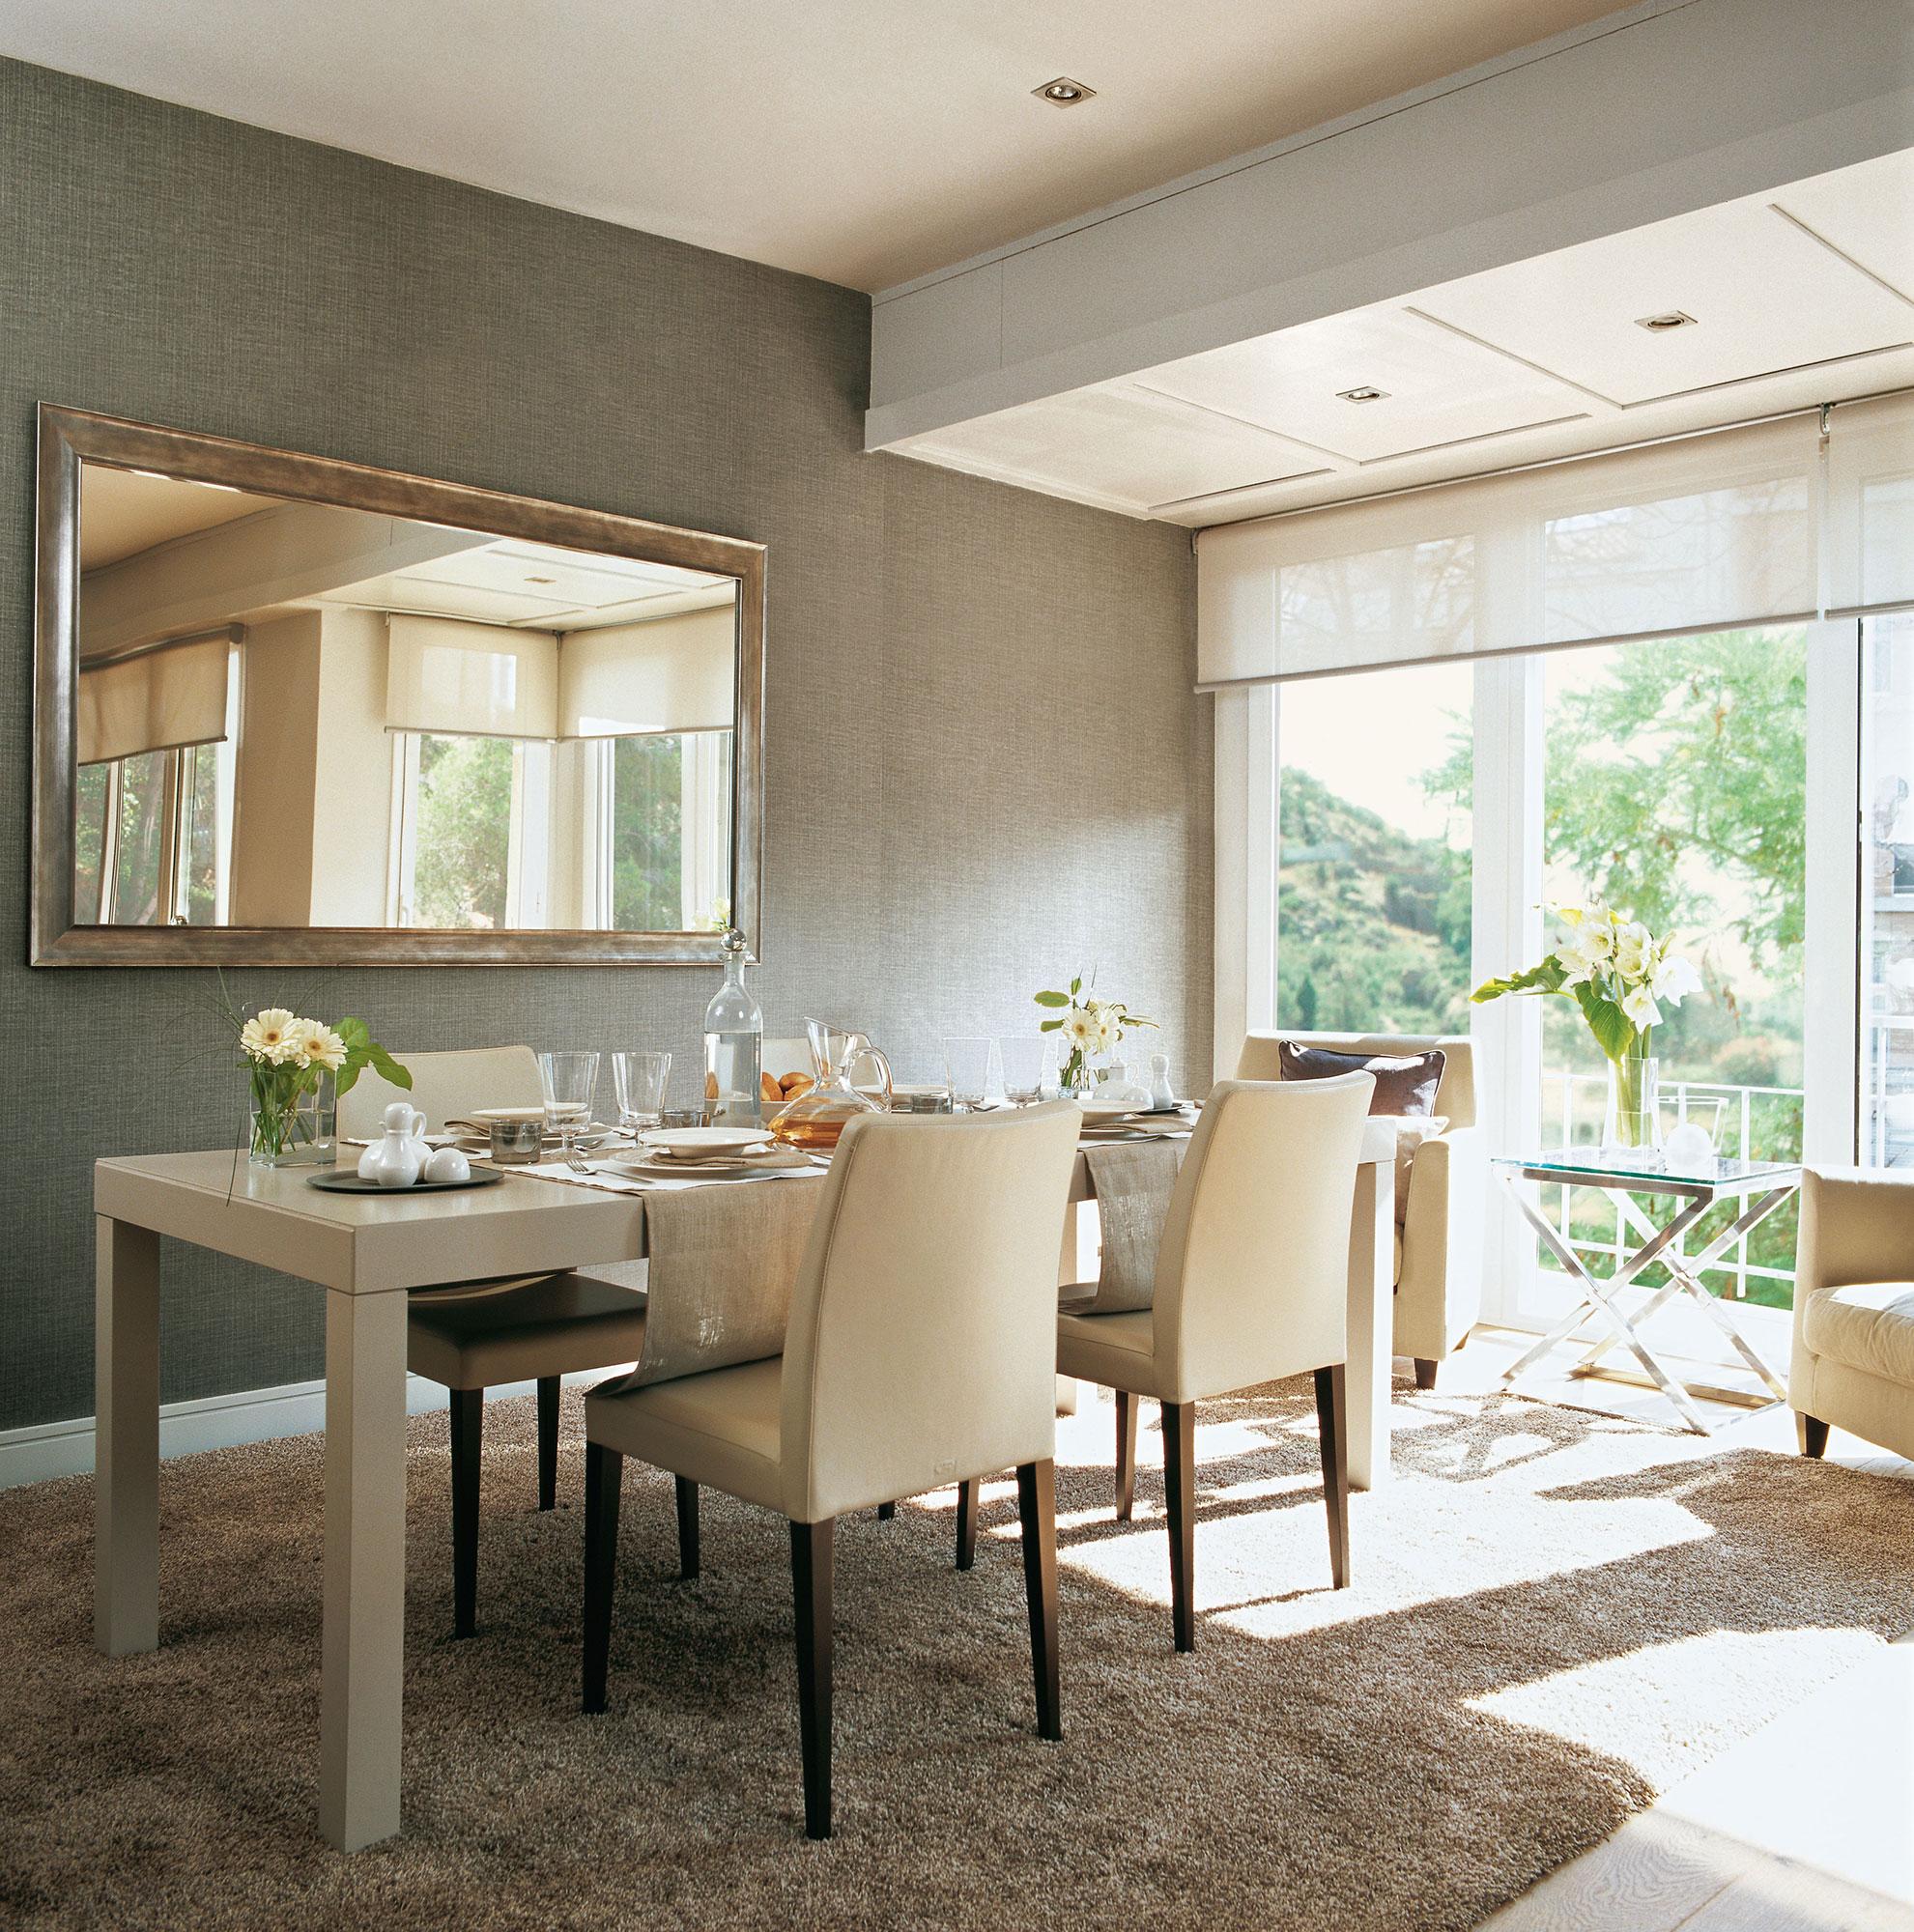 Pintura cambia tu casa con los efectos del color - Pintar la casa de colores ...